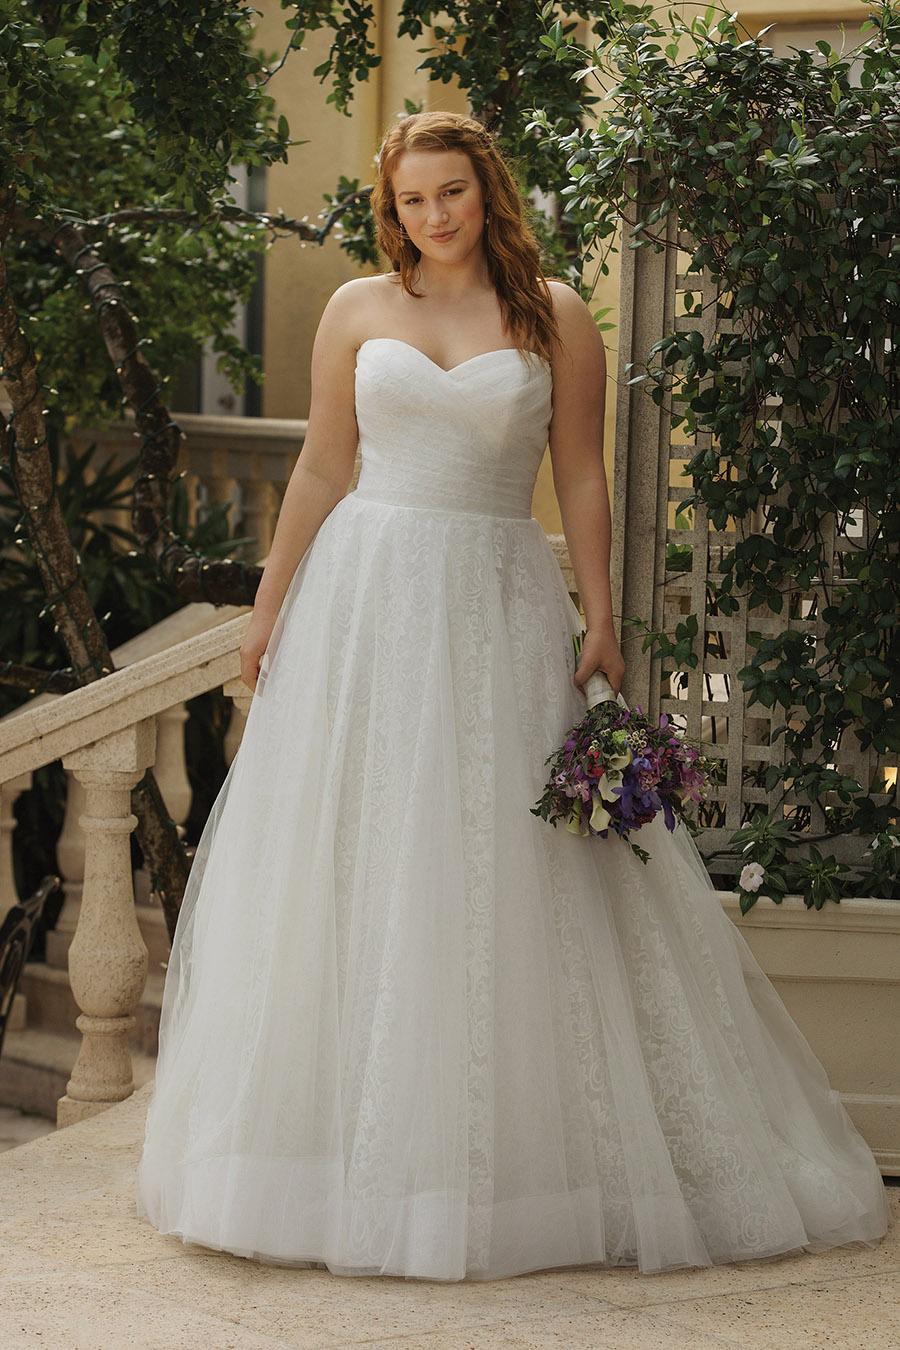 Anpassade bröllopsklänningar i större format